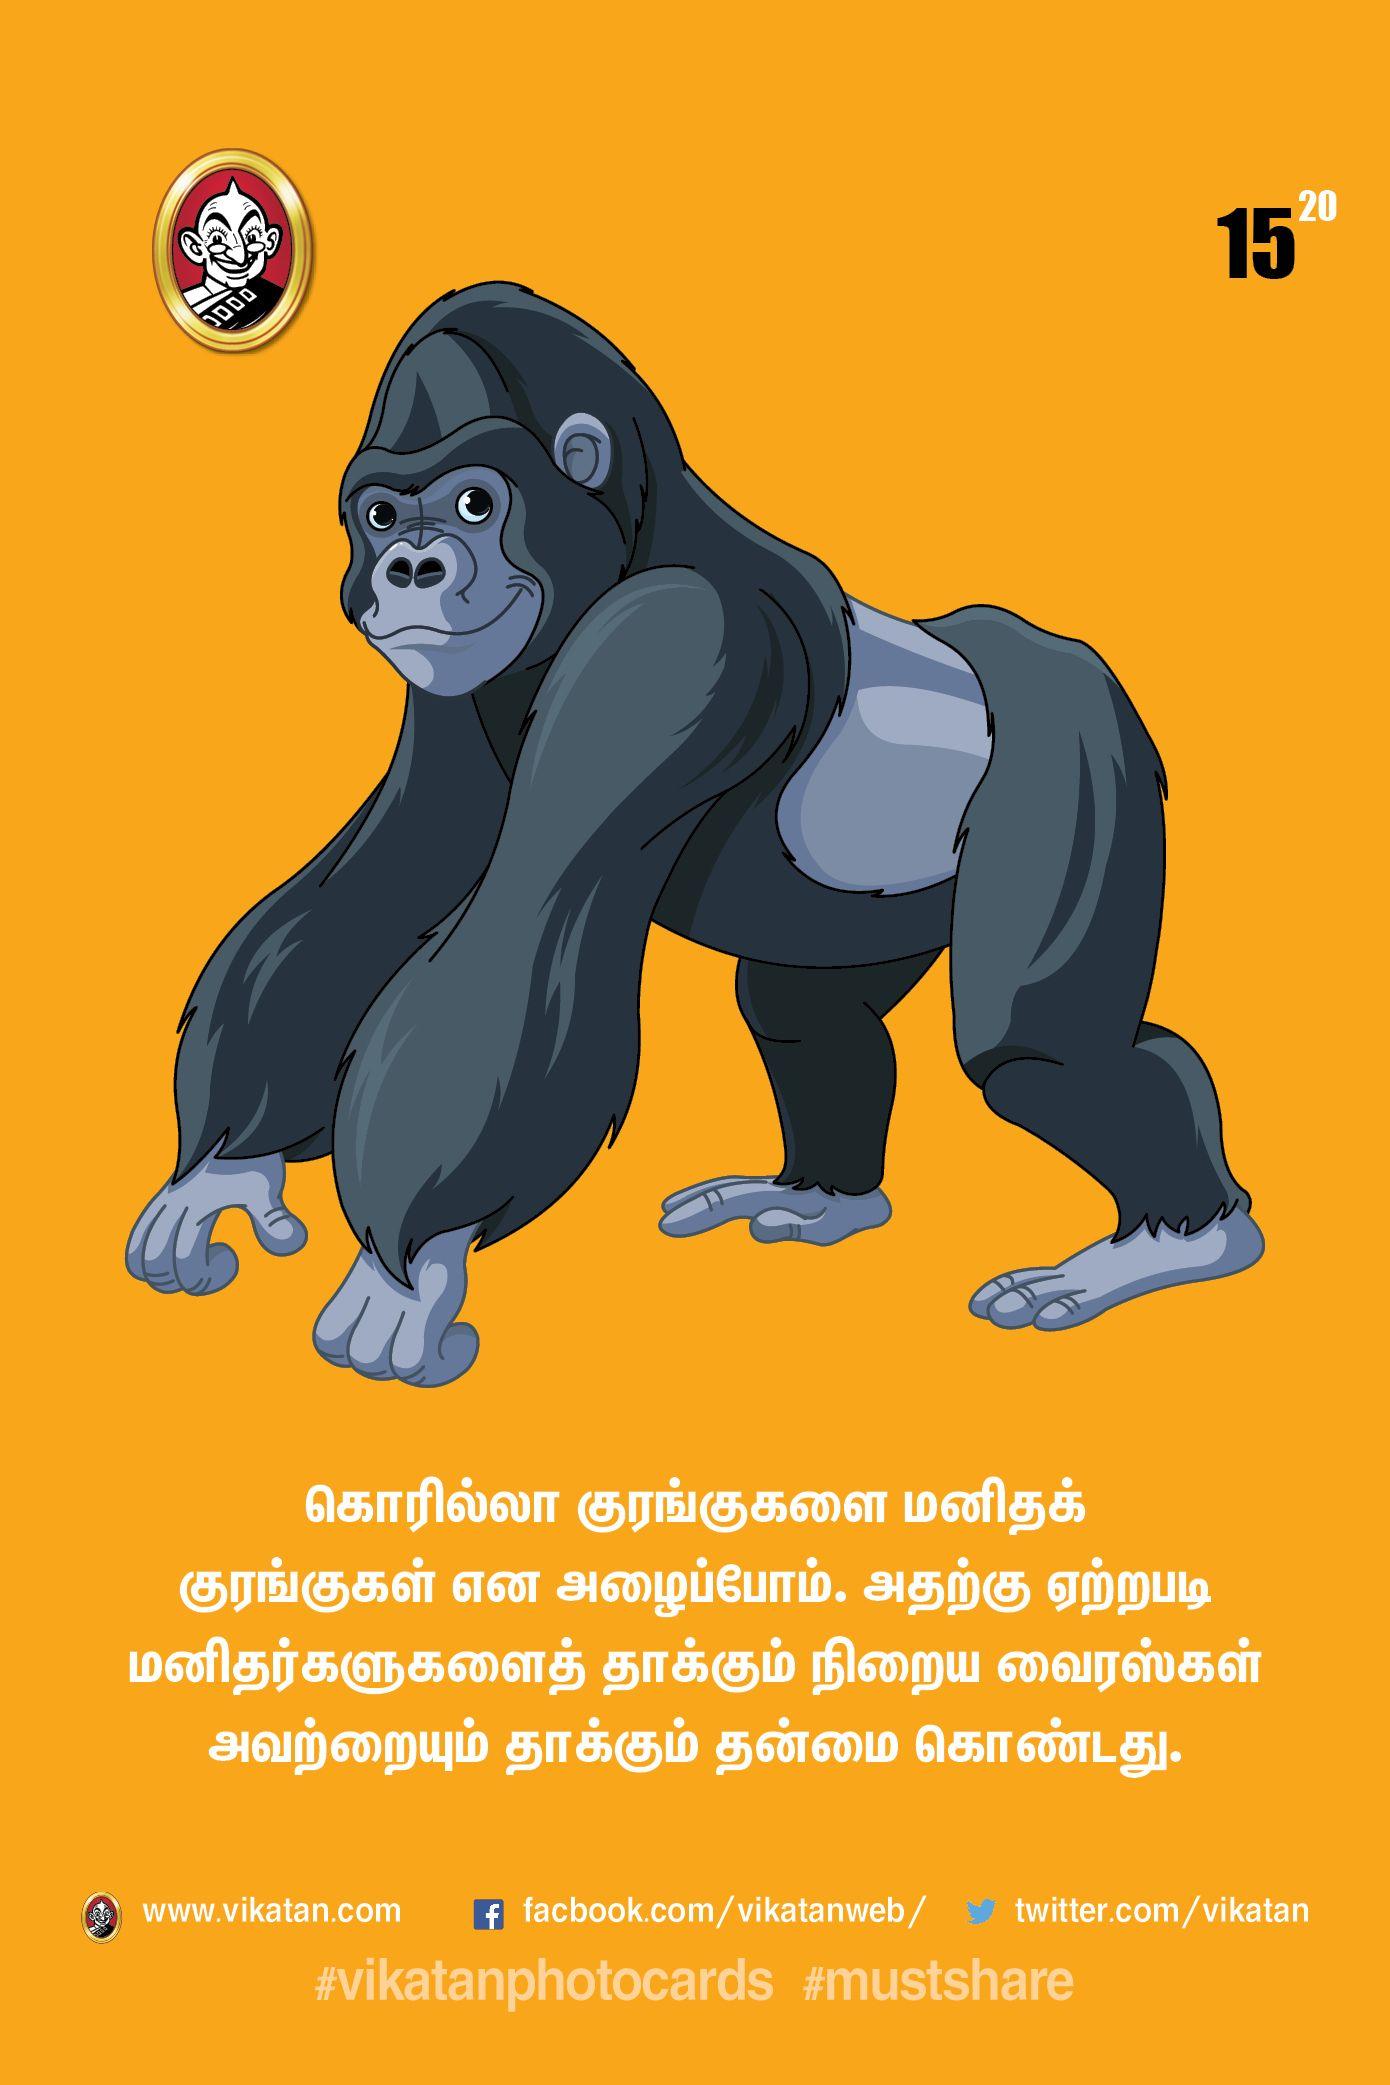 பென்குயின் எப்படி புரபோஸ் செய்யும் தெரியுமா? #VikatanPhotoStory